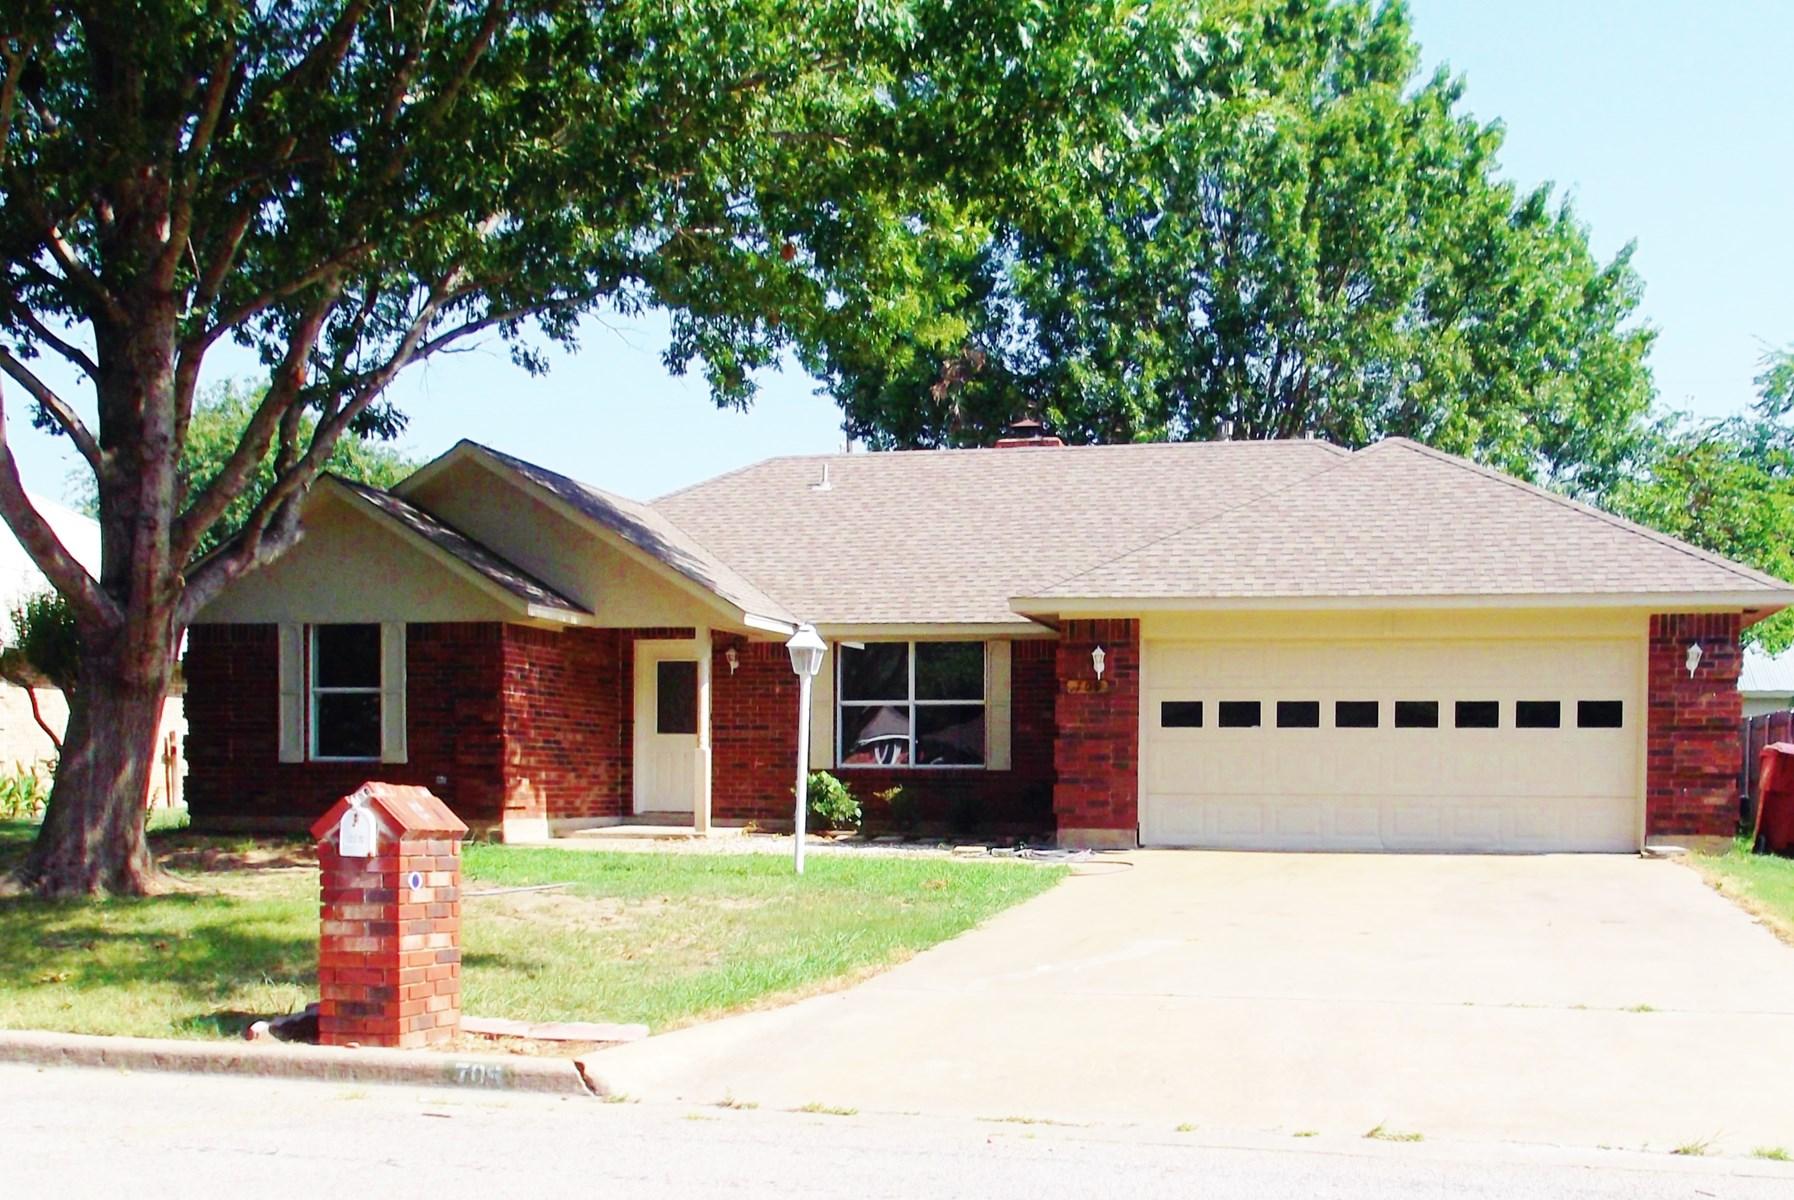 Bonham, TX 3 Bedroom, 2 Bath Brick Home